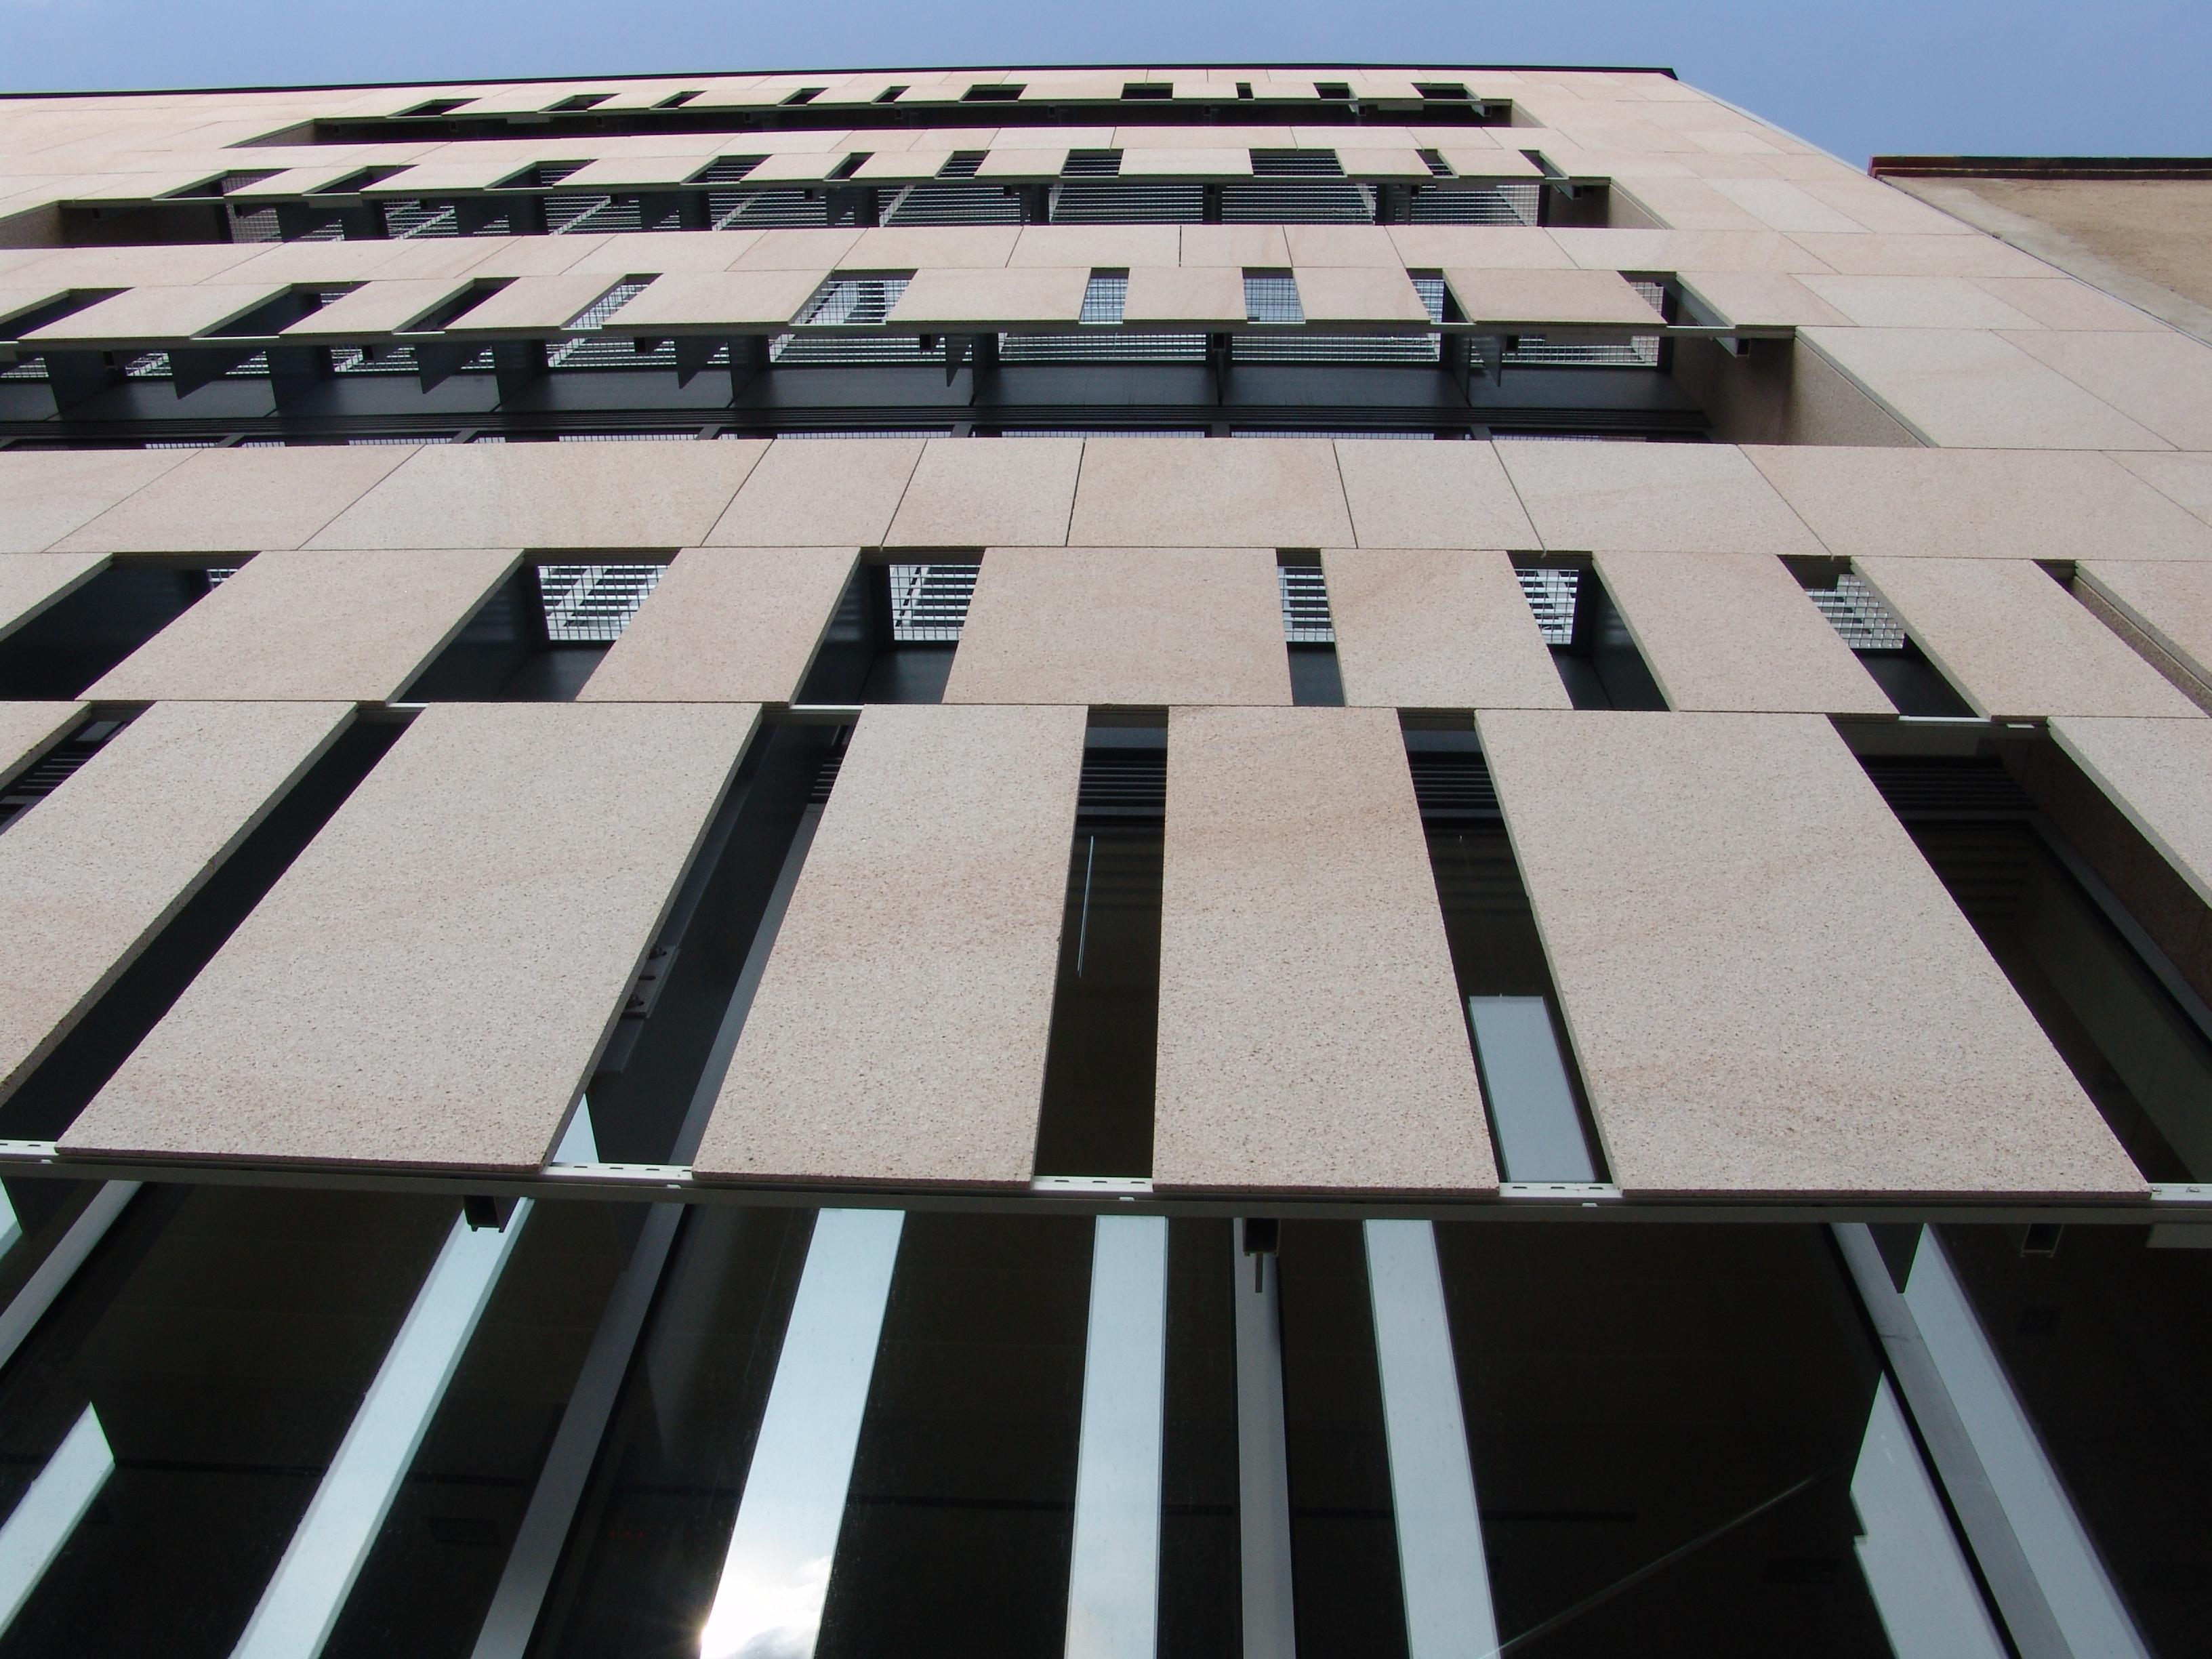 Sistema Masa • Edificio Colegio de Abogados de Gerona • fachada ventilada con aplacado de piedra